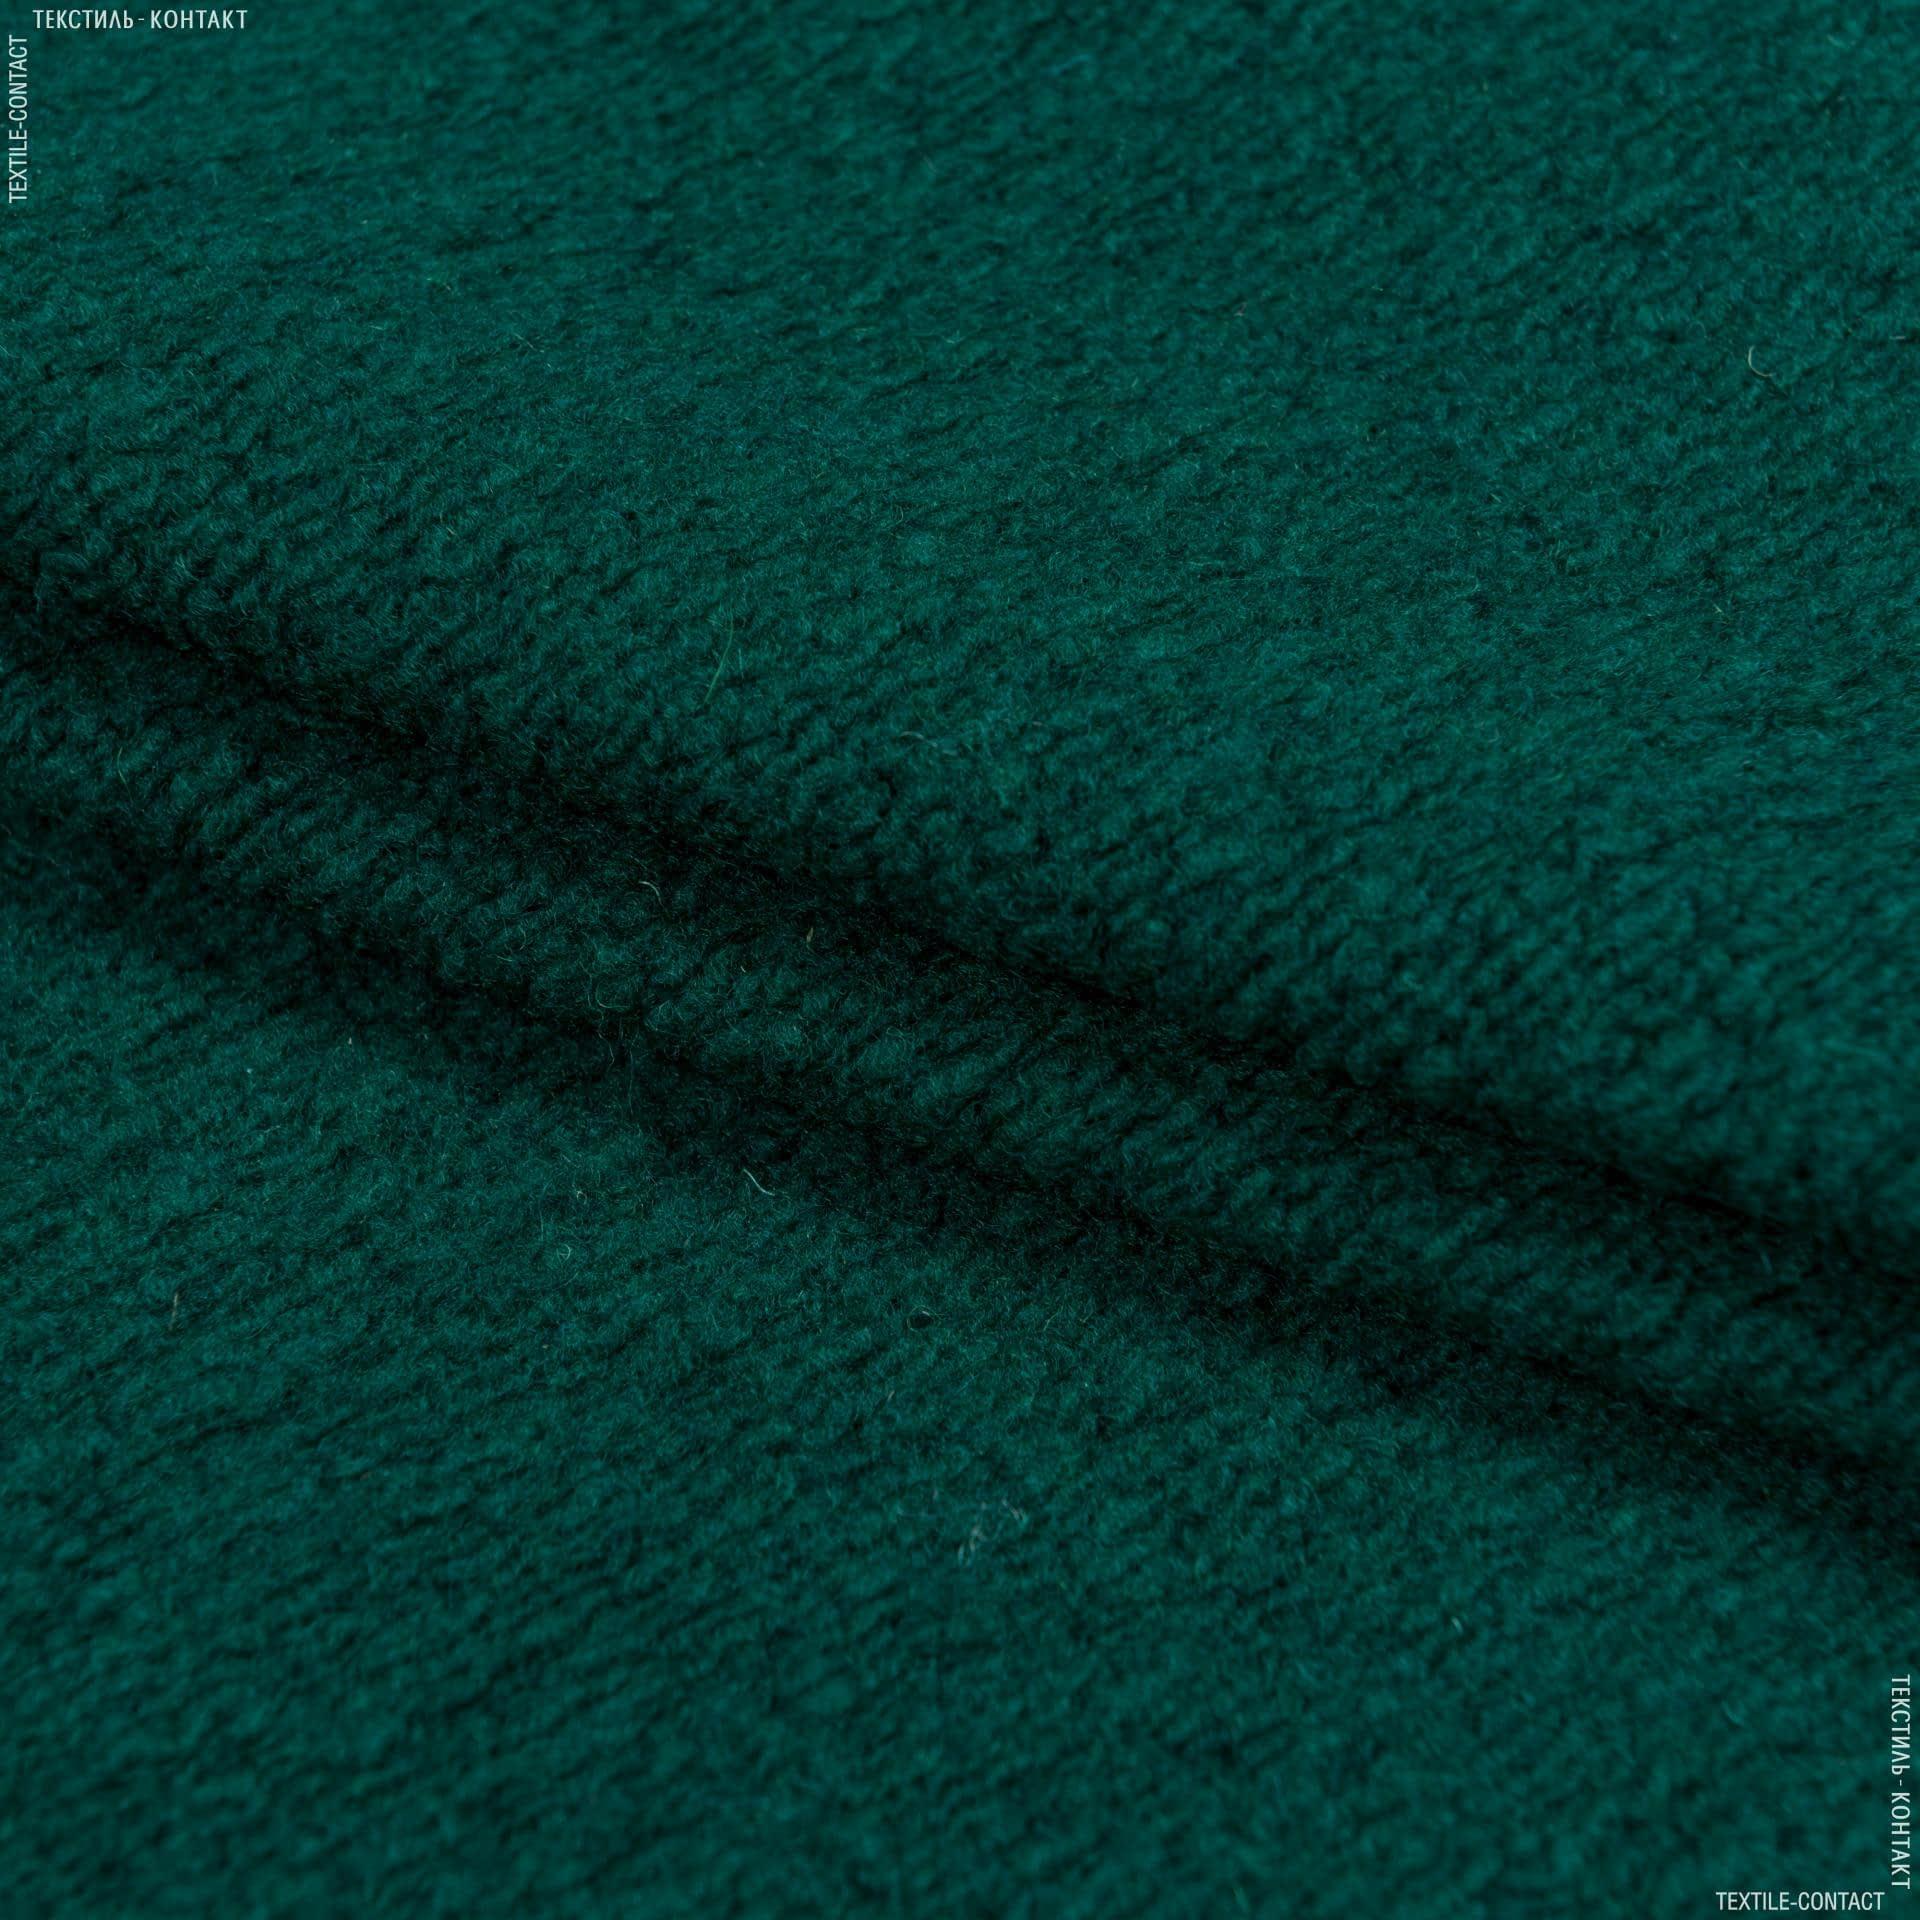 Ткани для верхней одежды - Трикотаж букле изумрудный